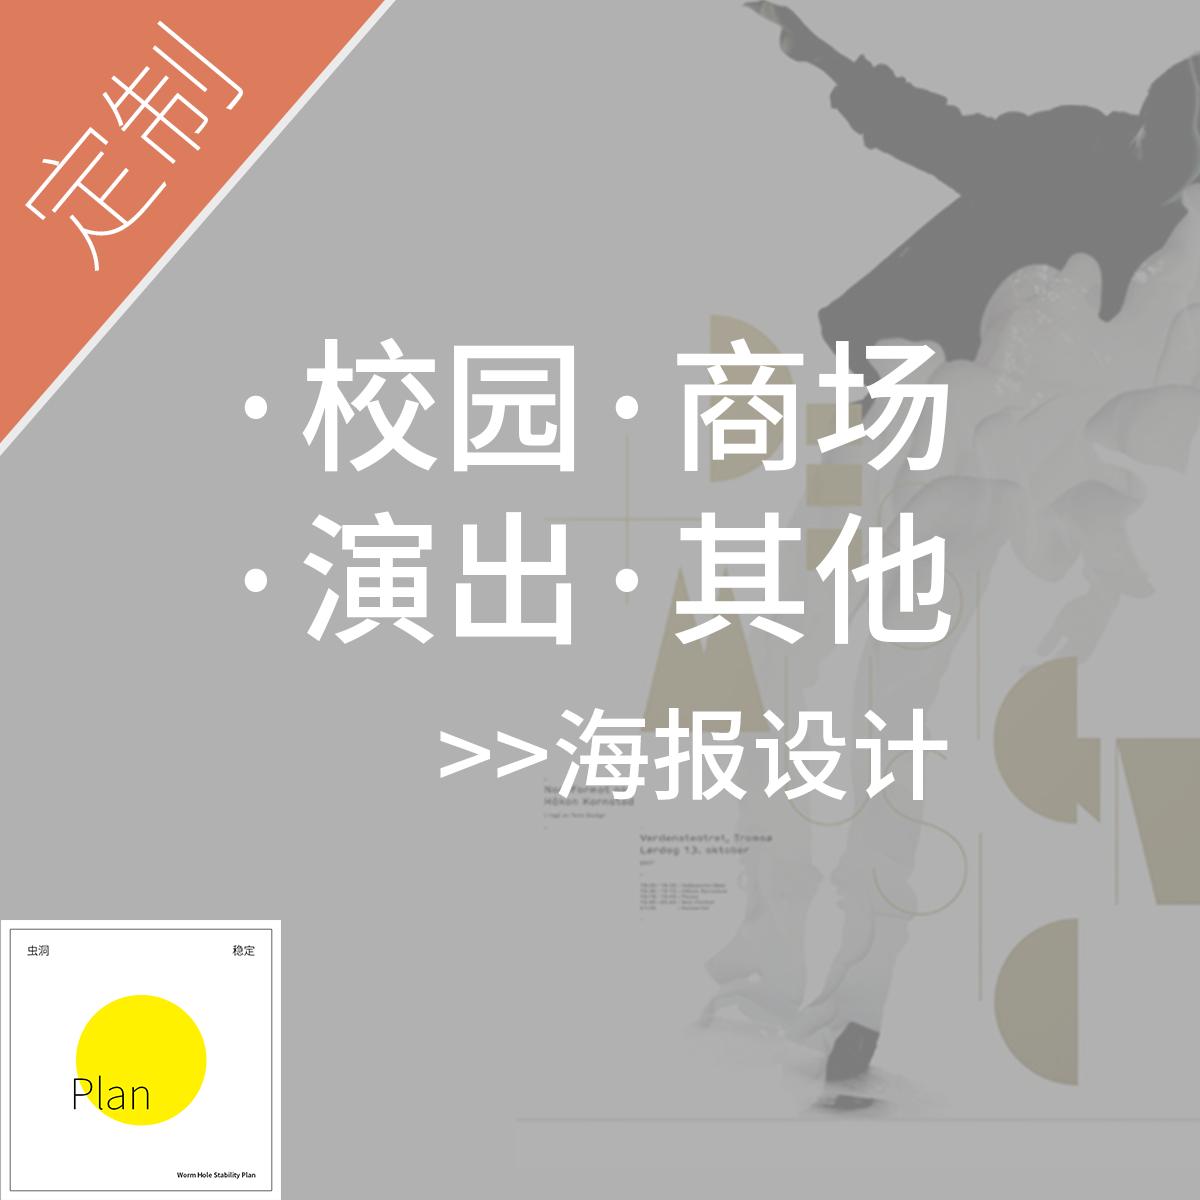 棋牌社团招新海报●交易Φ726537353